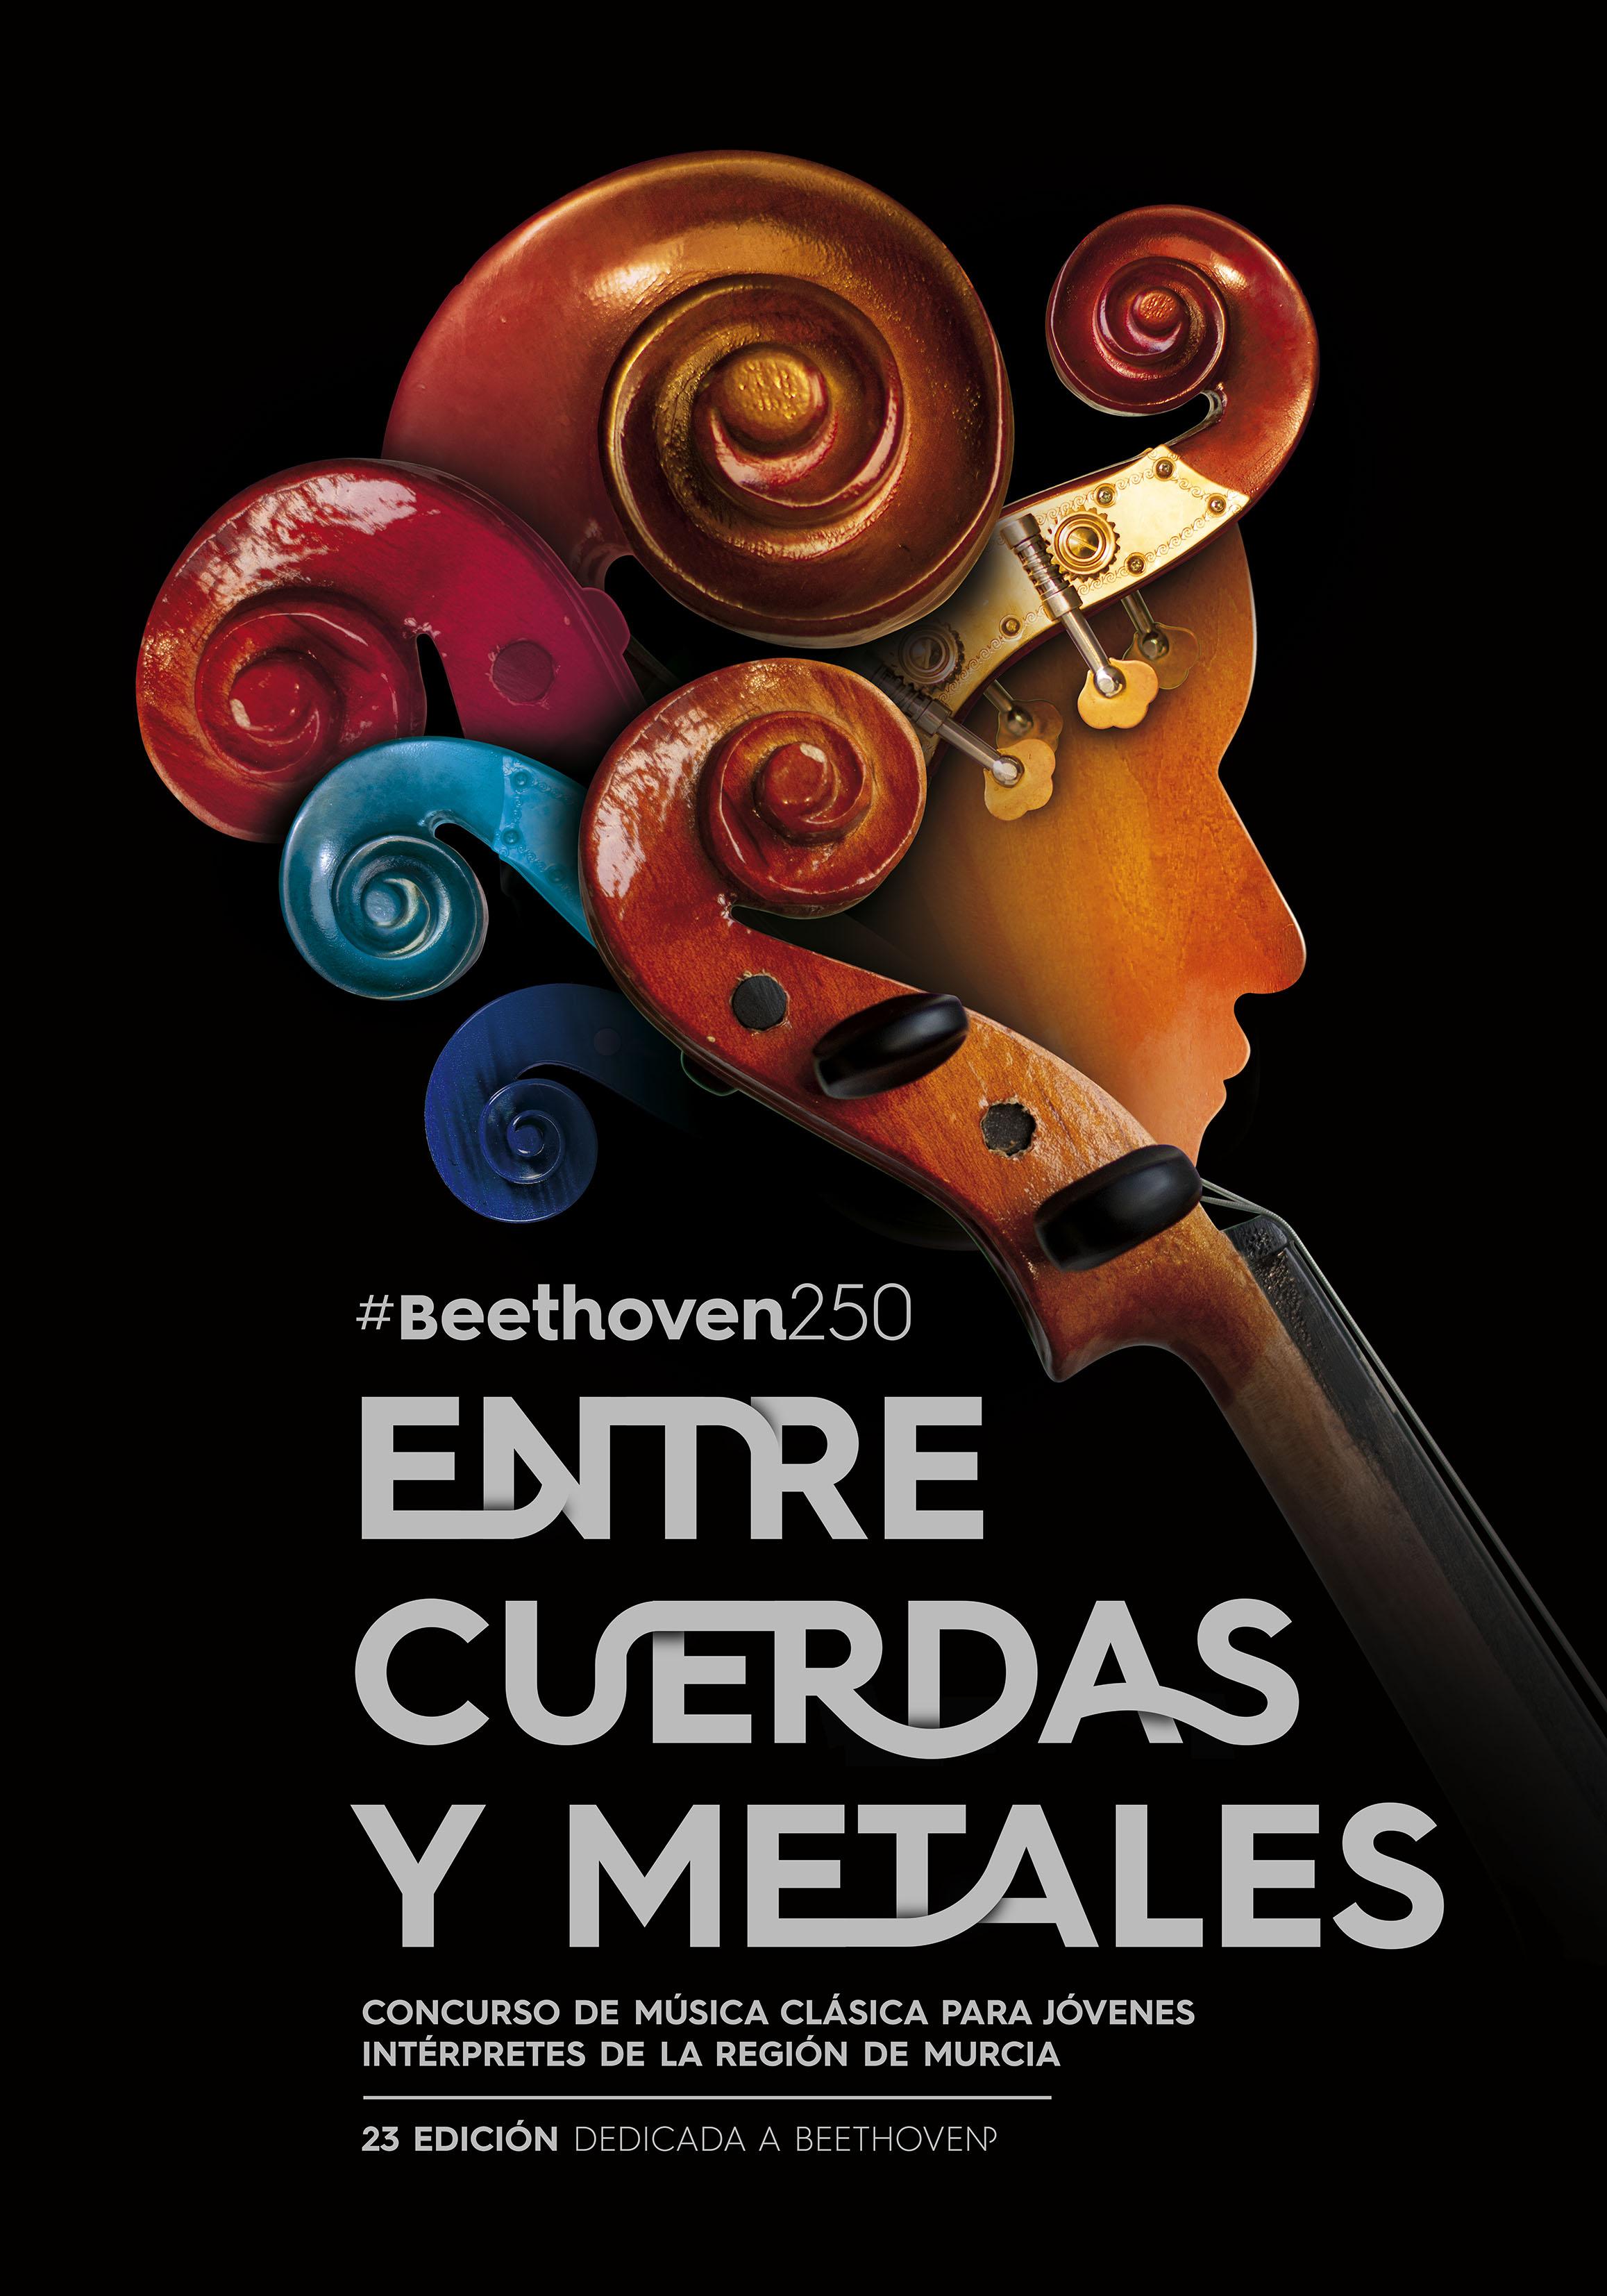 Imagen del cartel XXIII Edición Entre Cuerdas y Metales